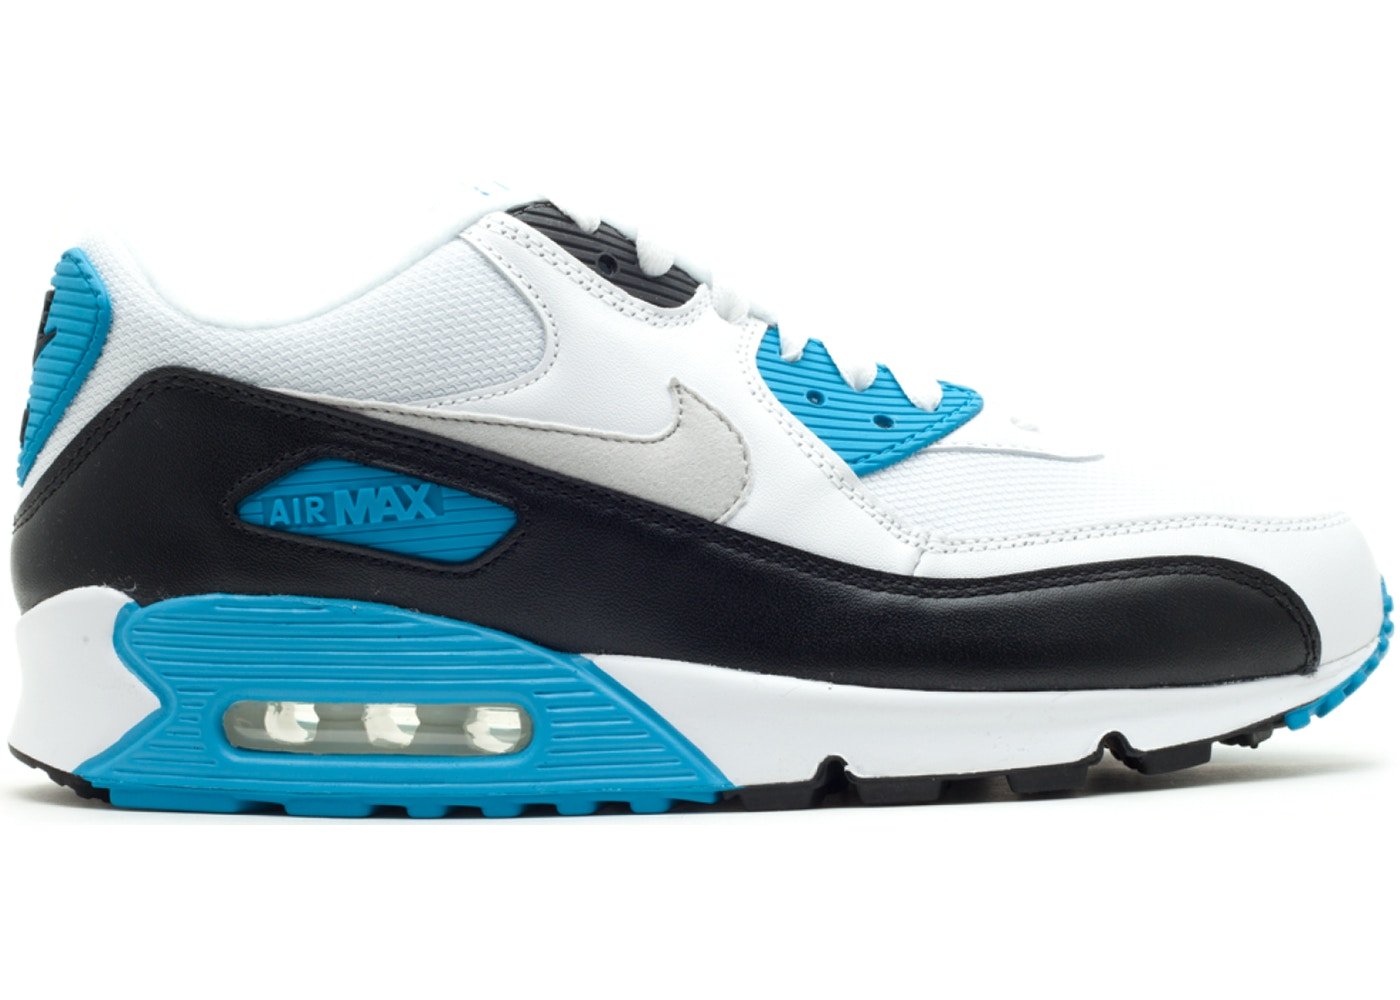 orden cavidad Volar cometa  Nike Air Max 90 Laser Blue (2010) - 325018-108